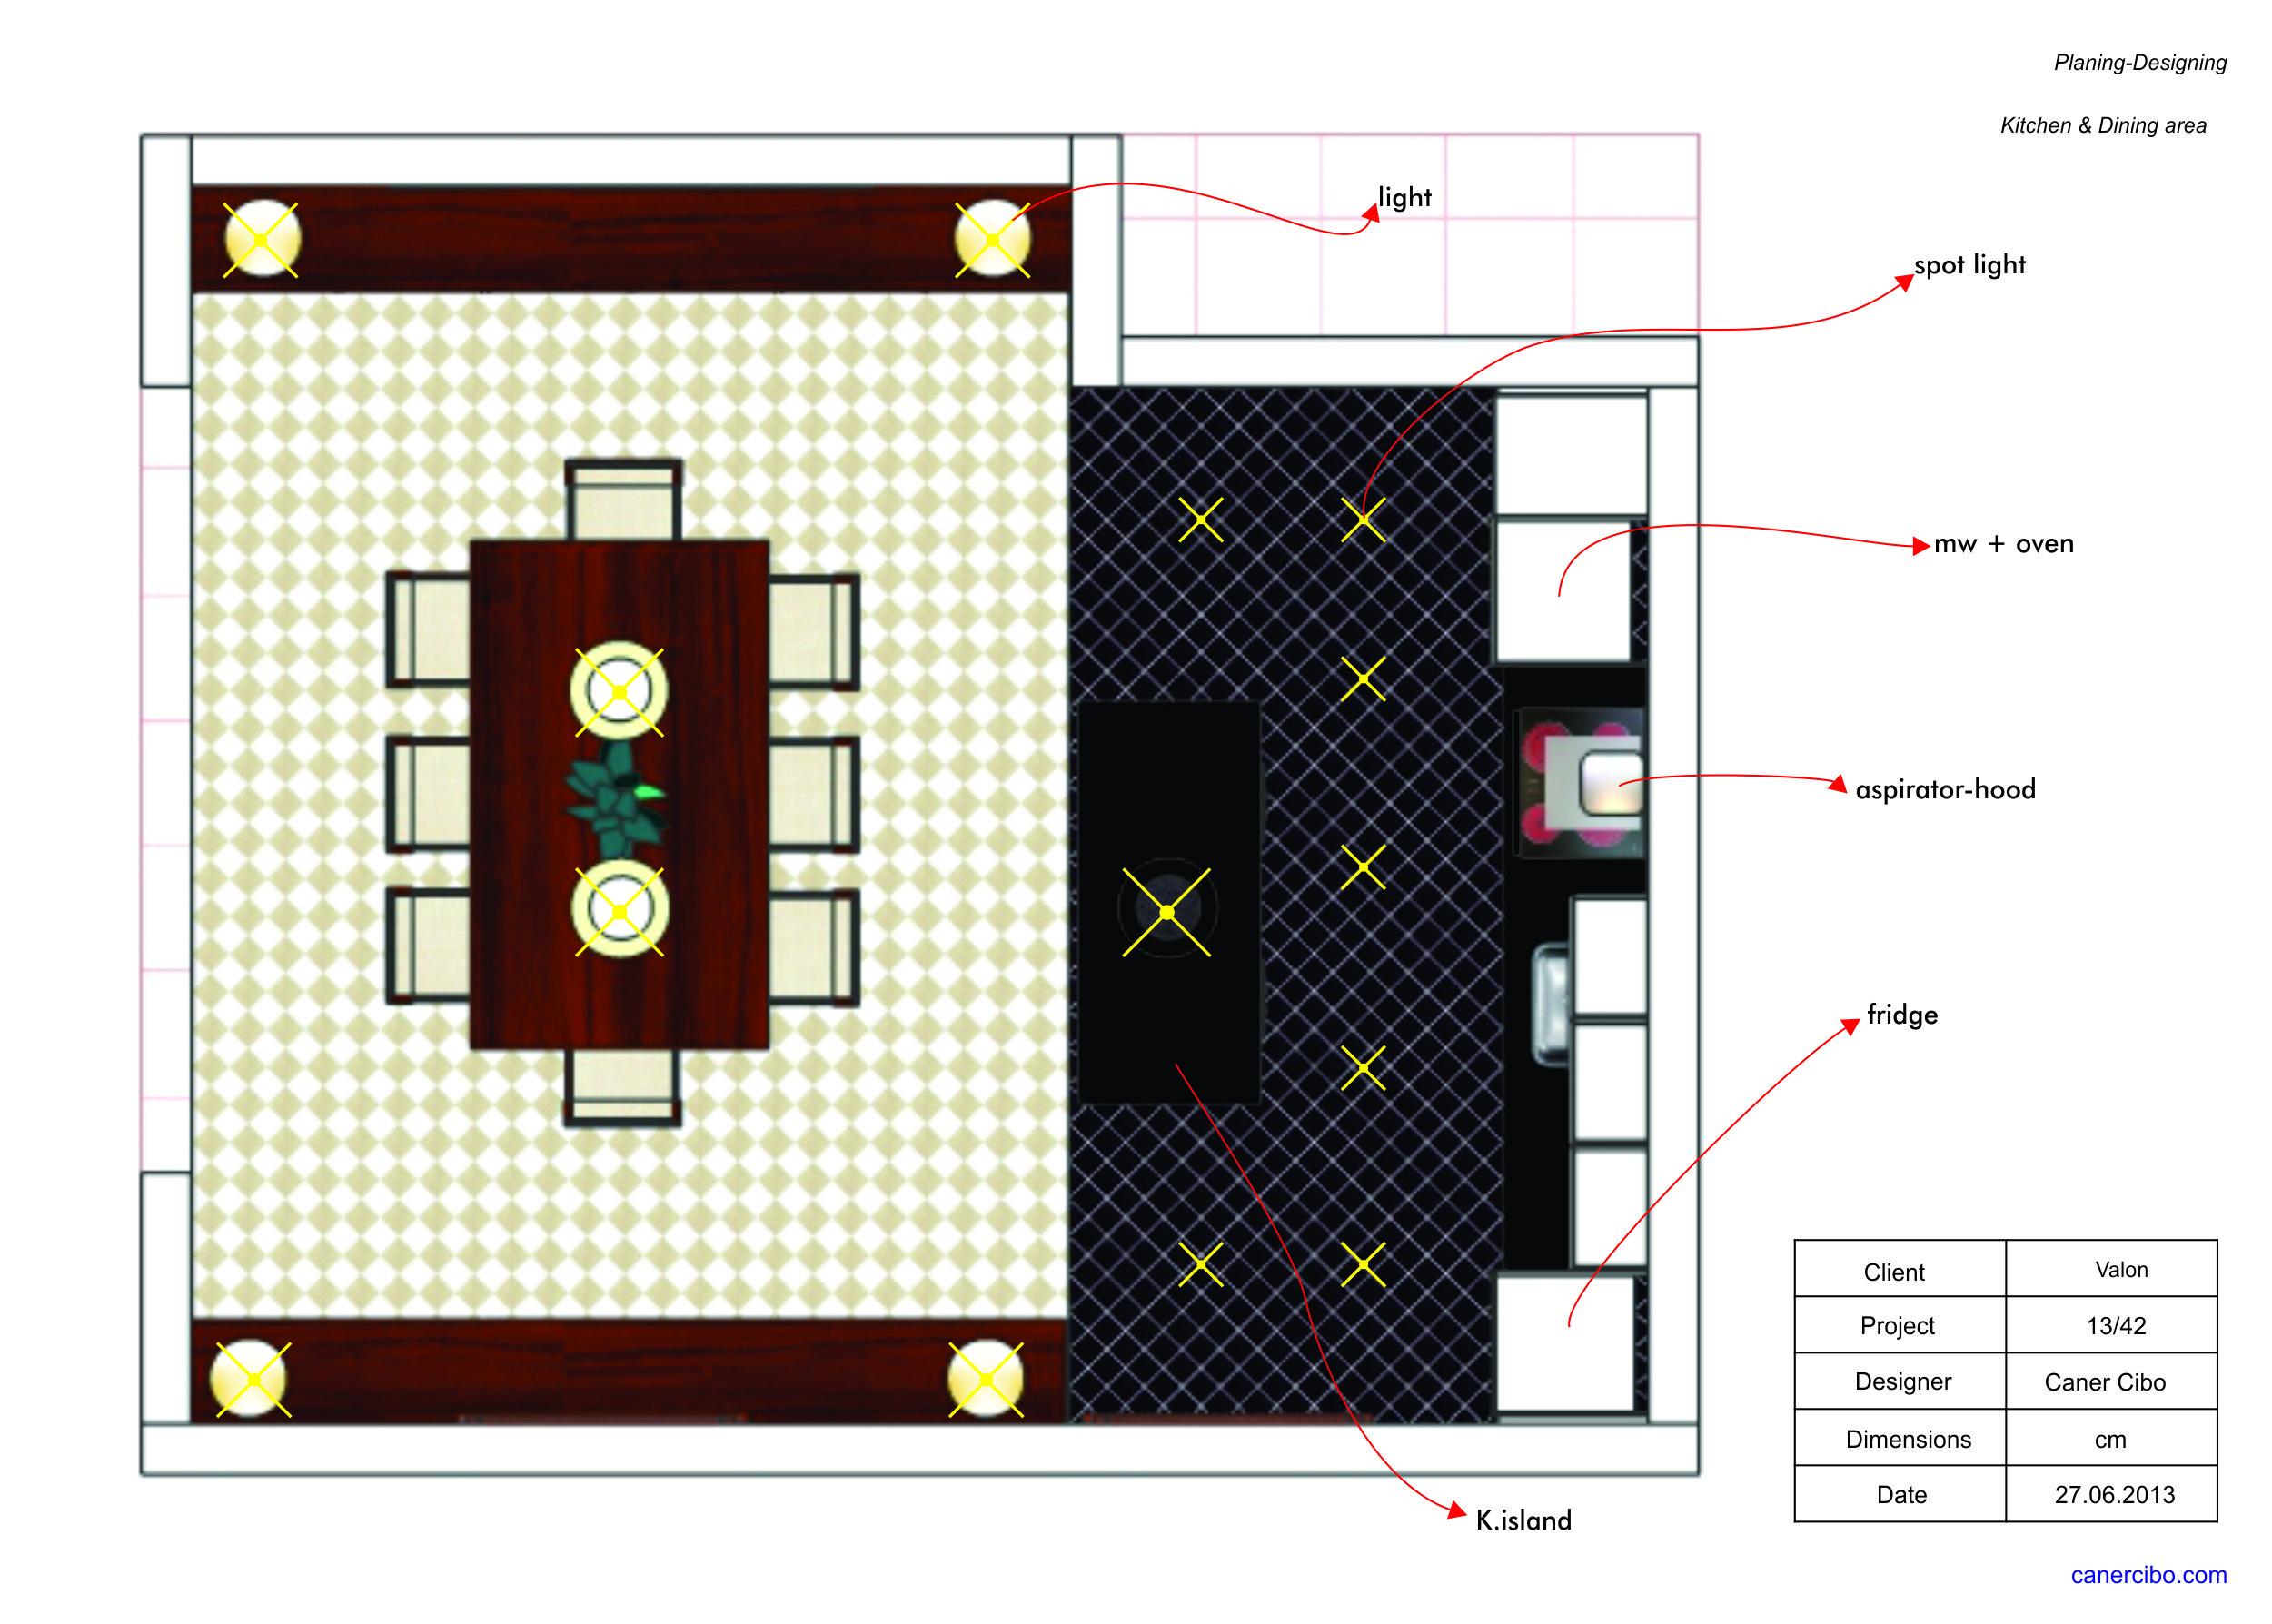 kitchen&diningarea-p-1